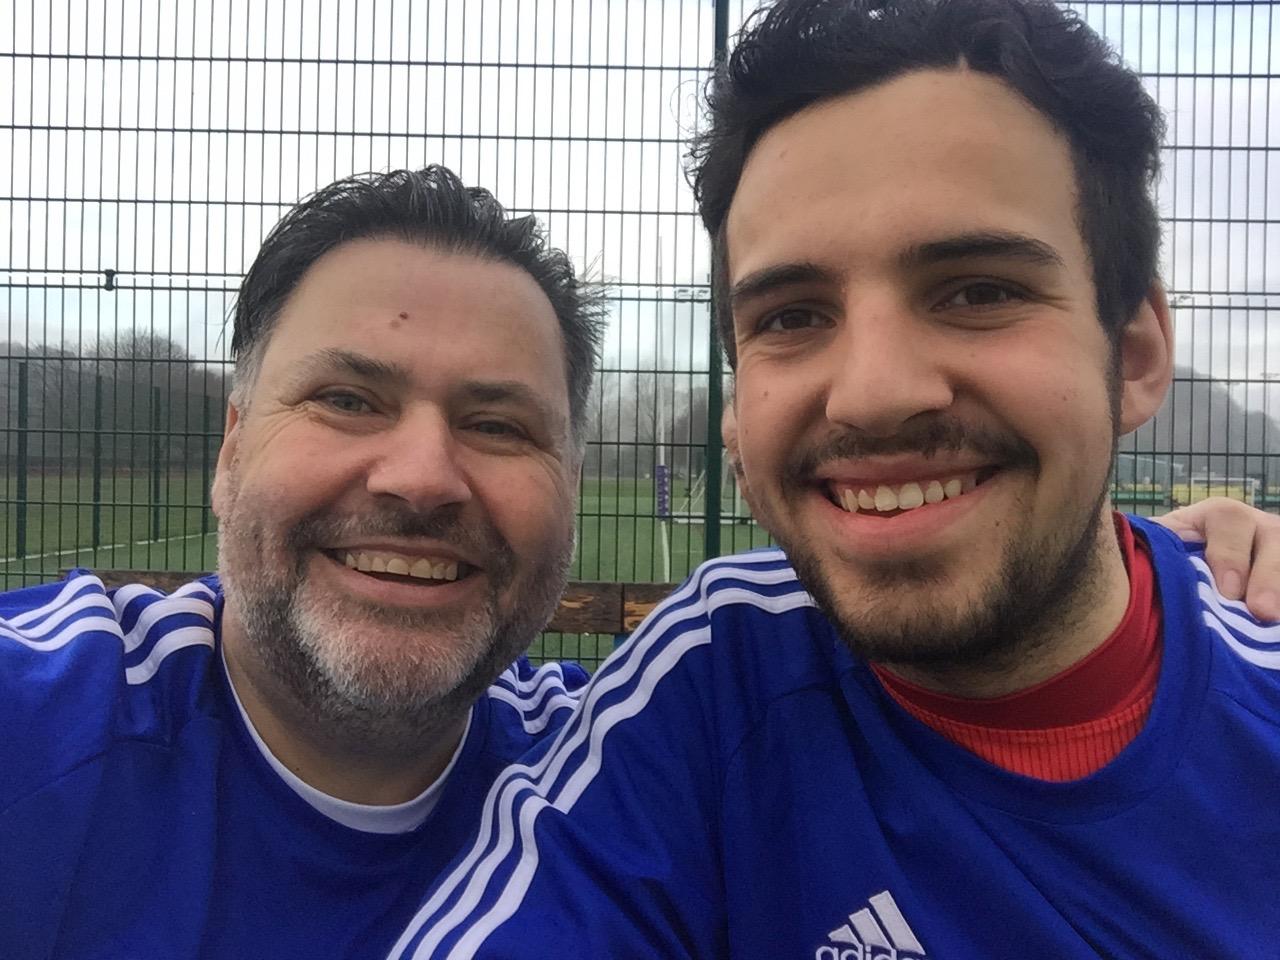 Gary and Cesc Fabregas get acquainted!